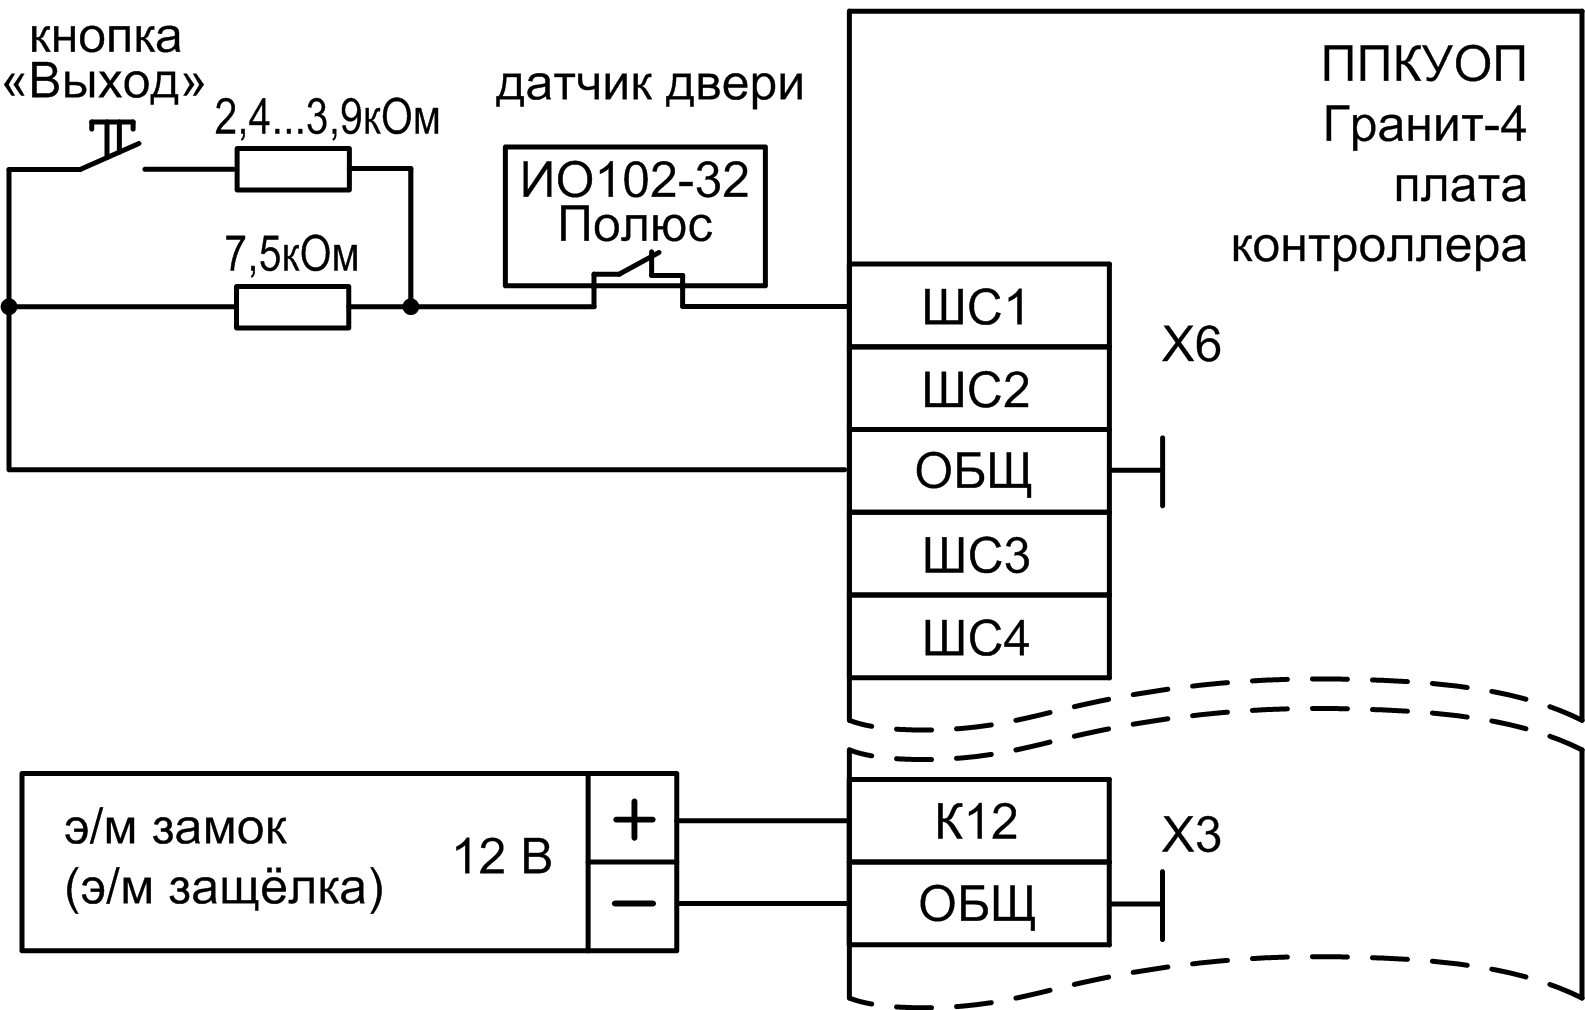 инструкция к сигнализации апс 2900